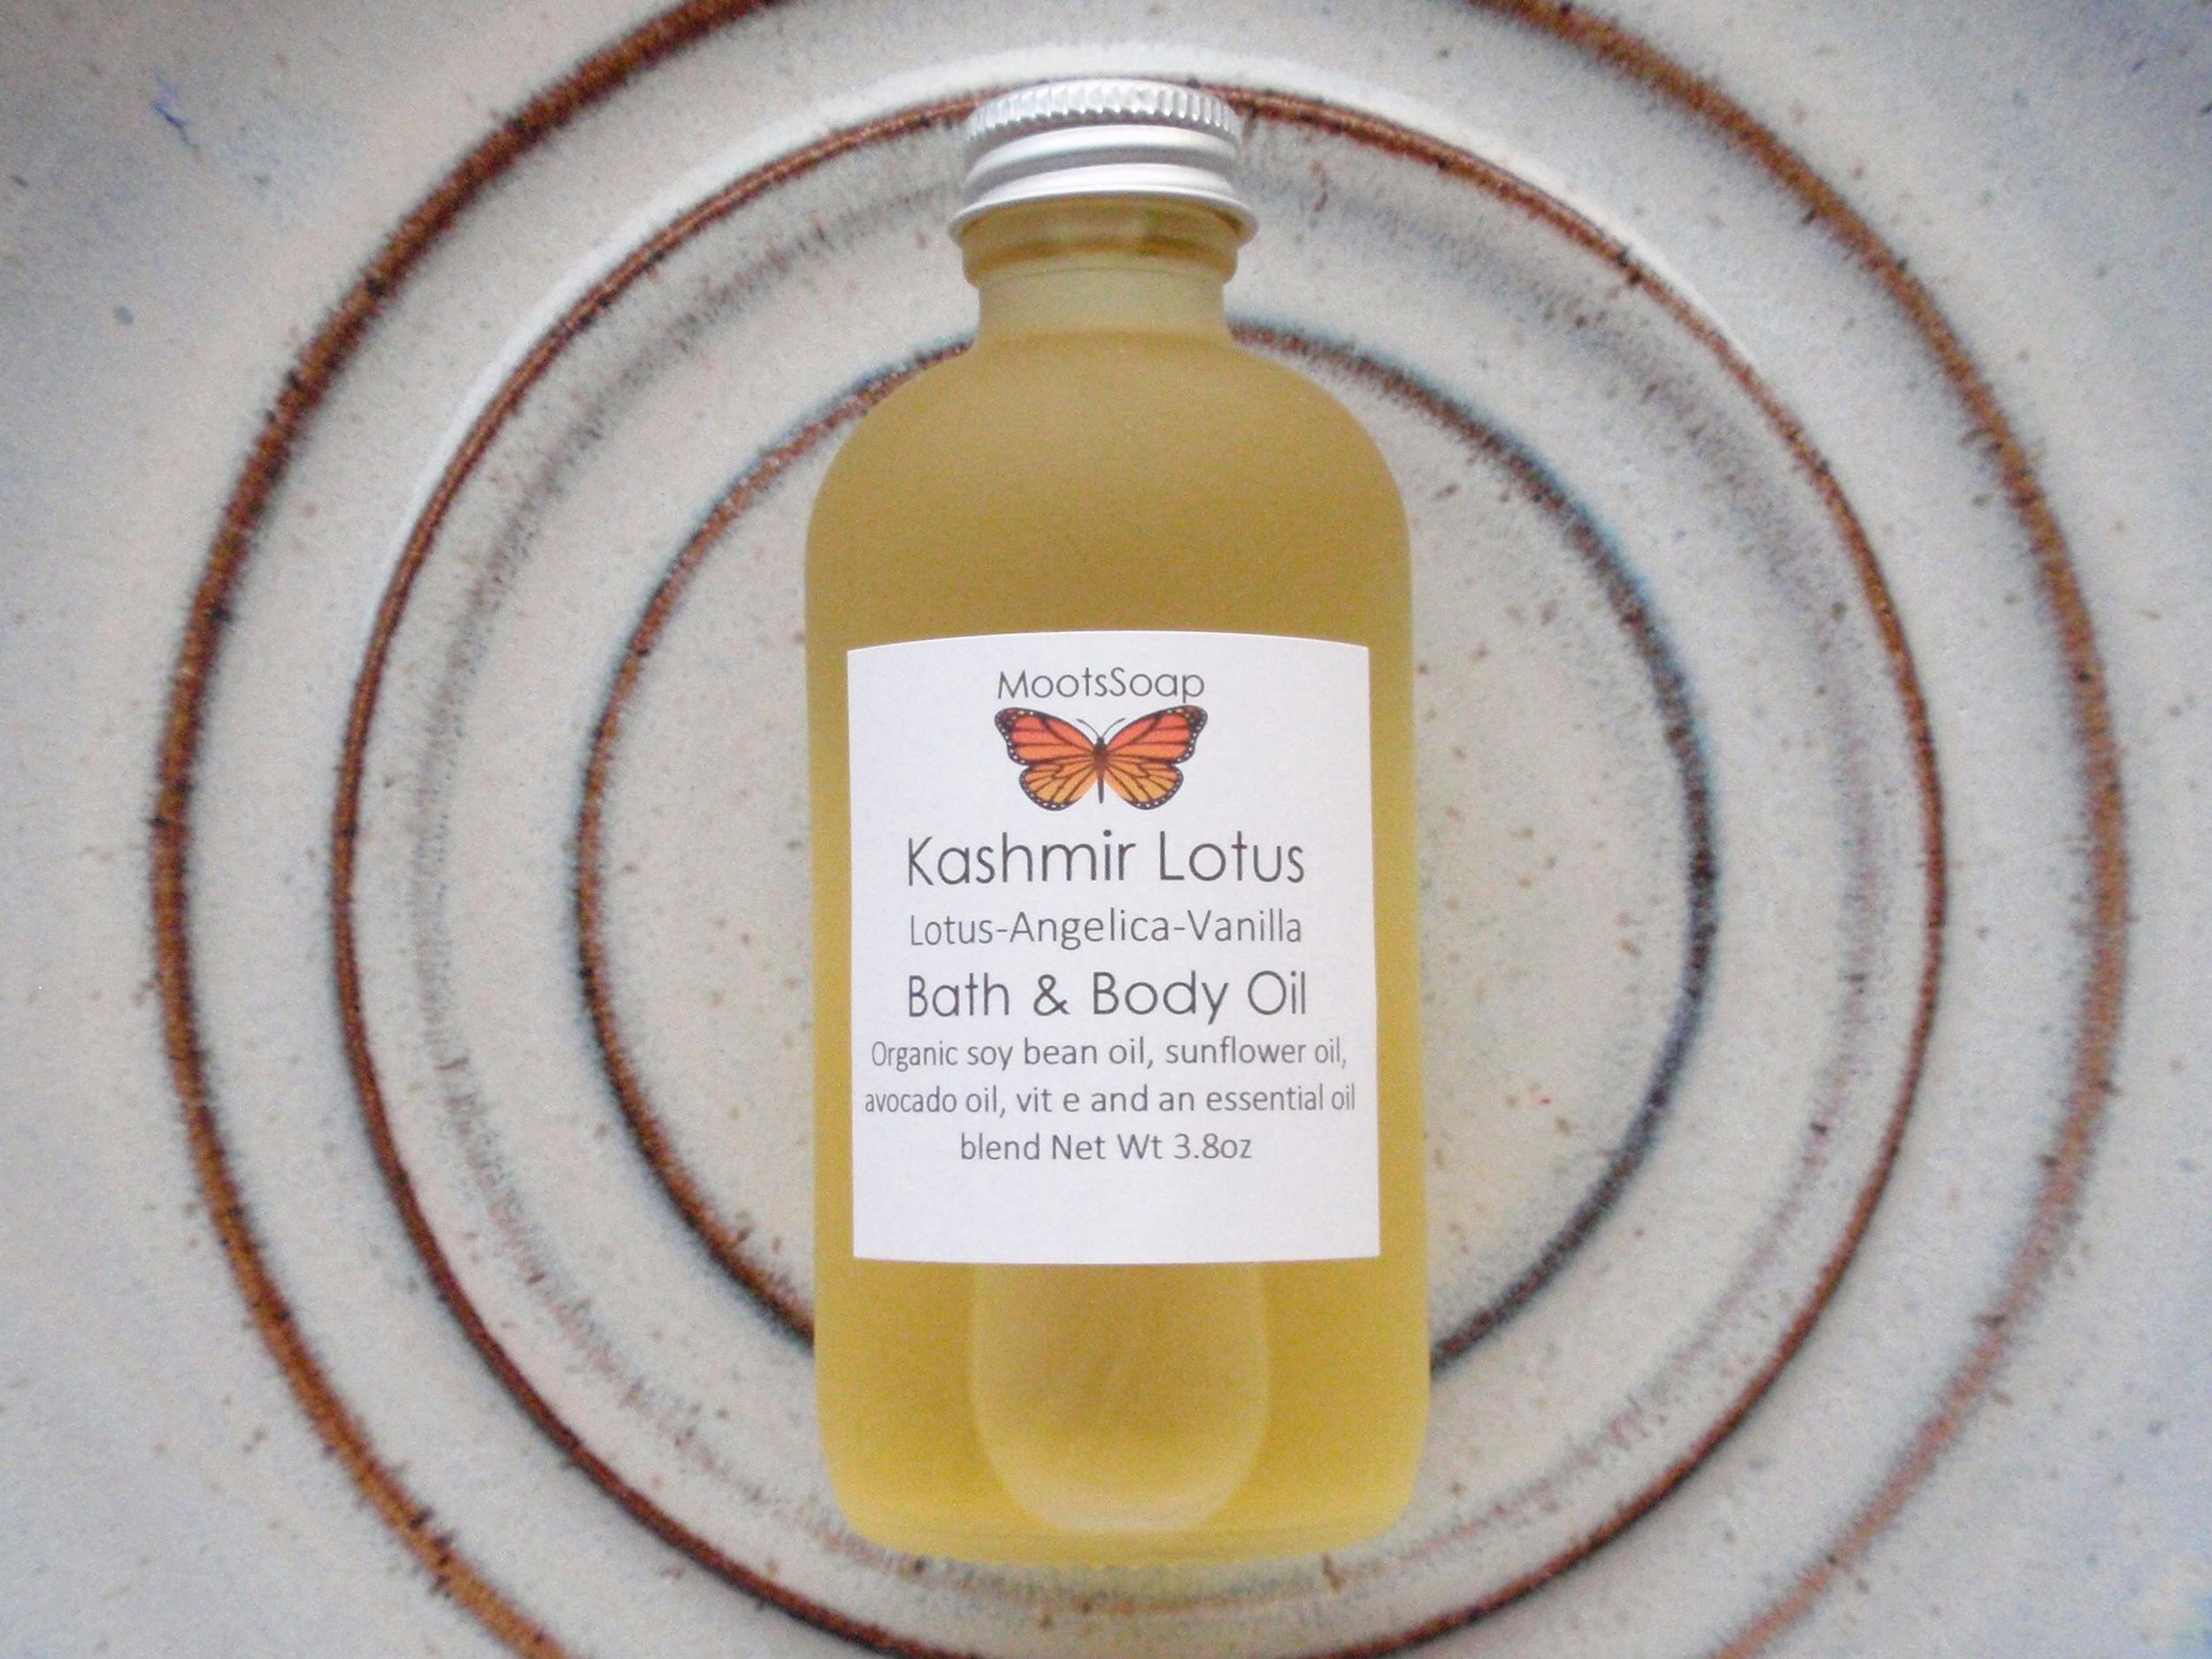 Kashmir Lotus Body Oil